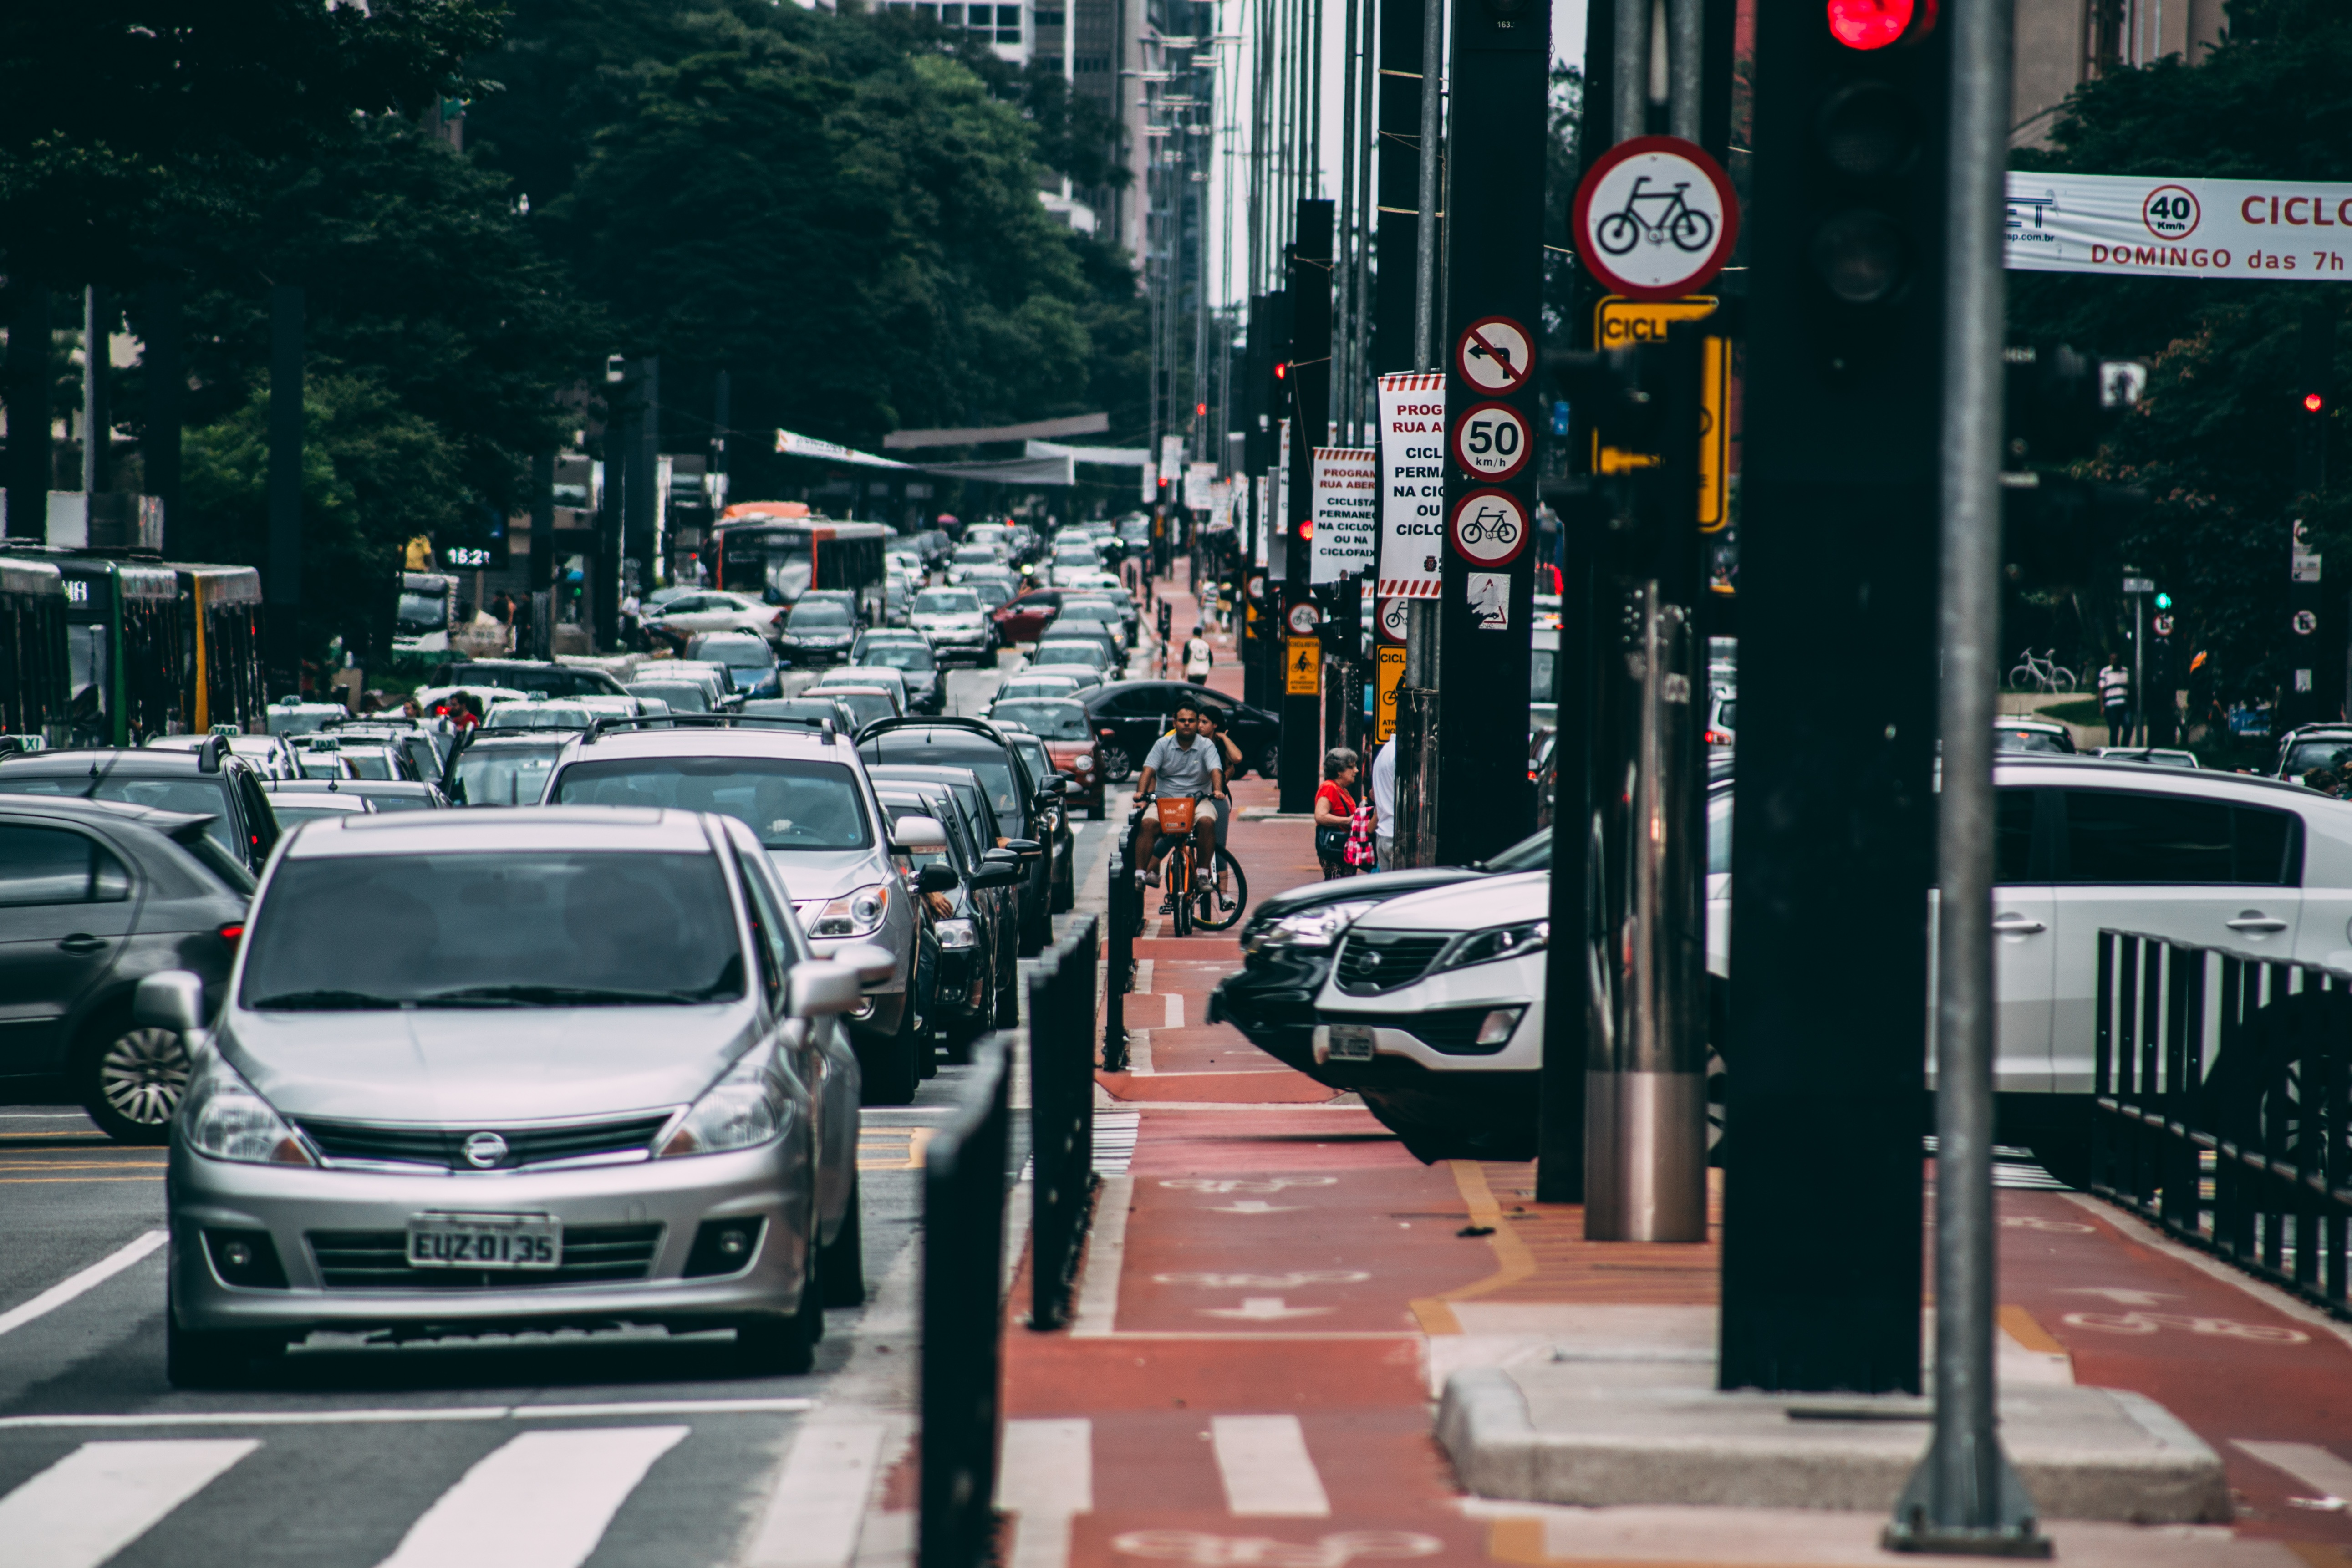 Caieiras - São Paulo